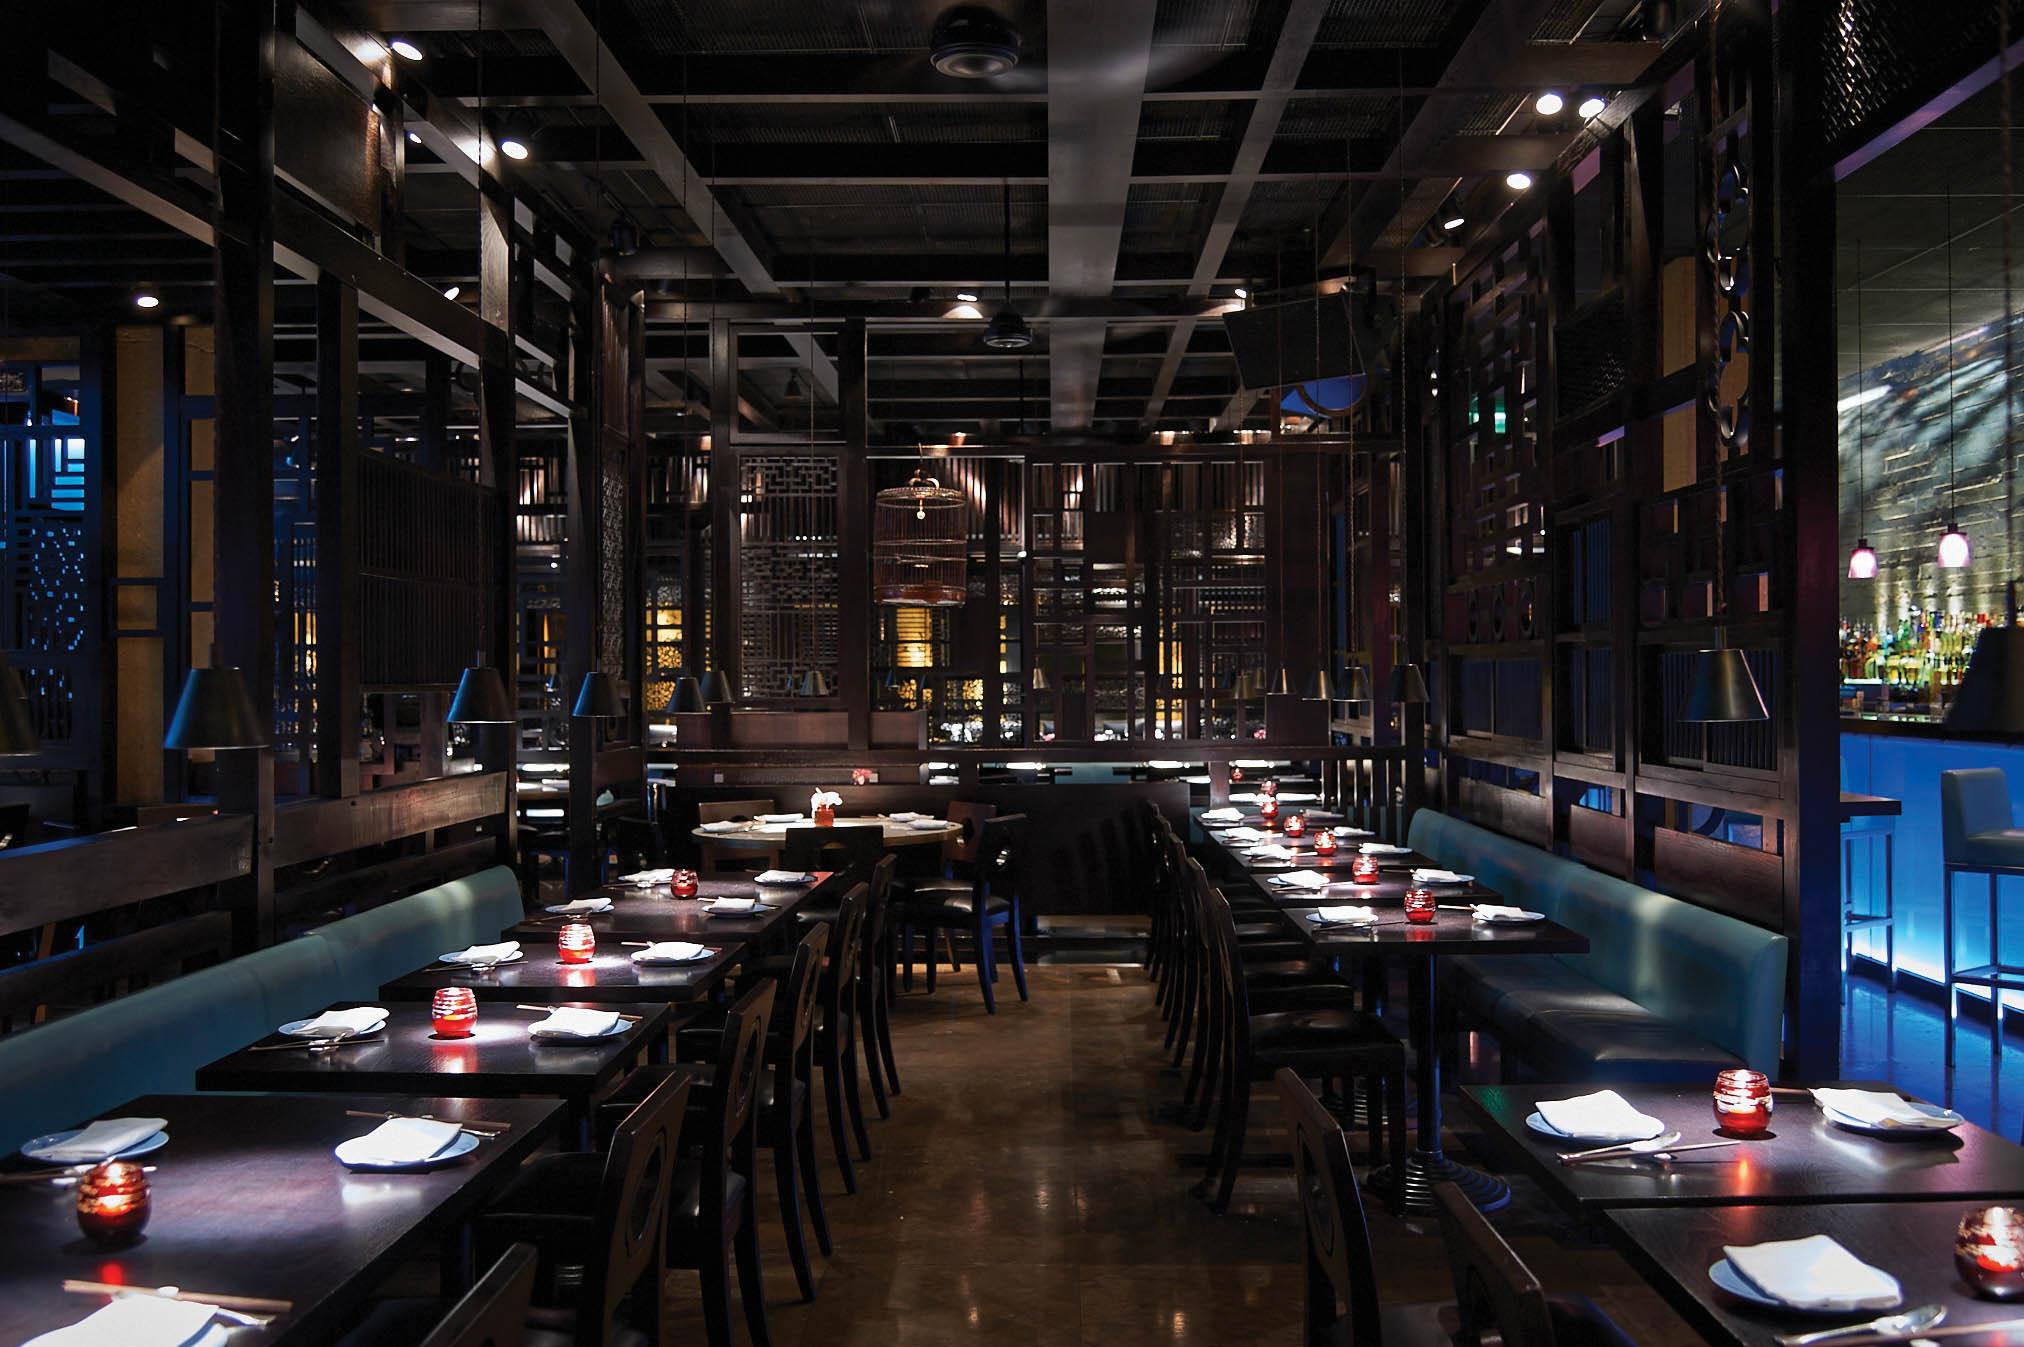 Restaurante Hakkasan - Onde comer e beber em Londres